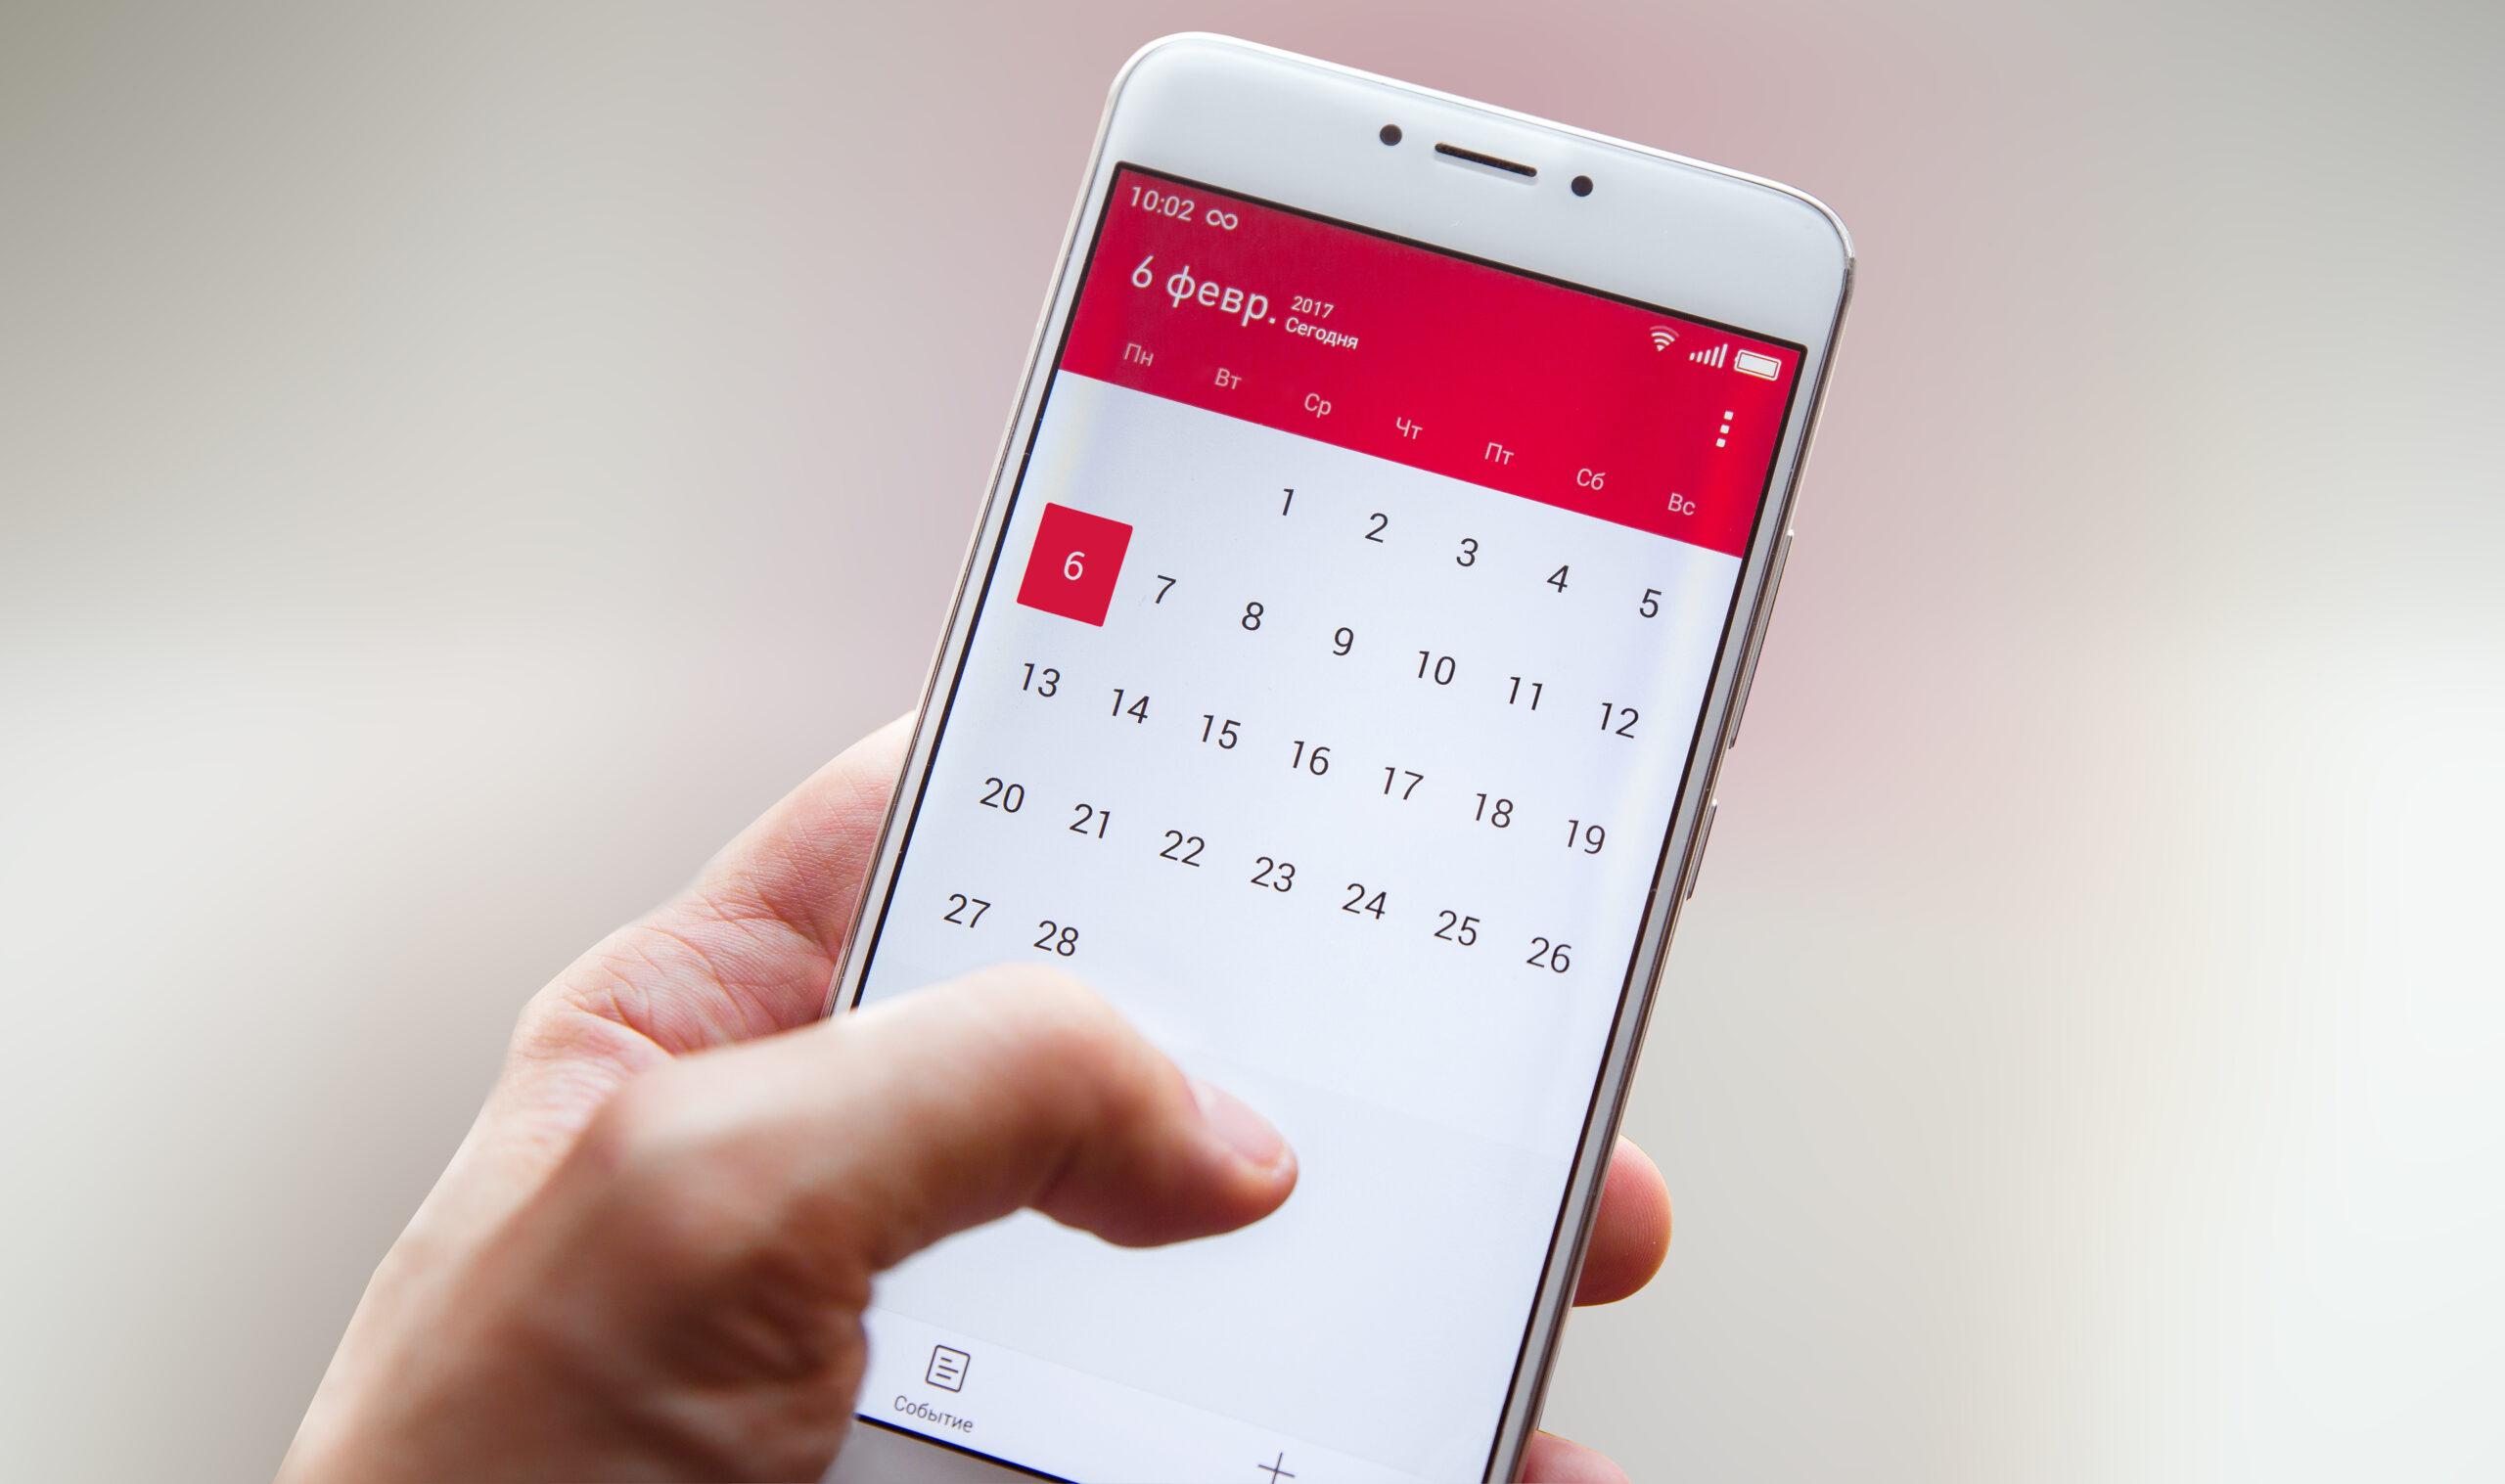 アプリで管理すれば、柔軟な予定変更が可能に